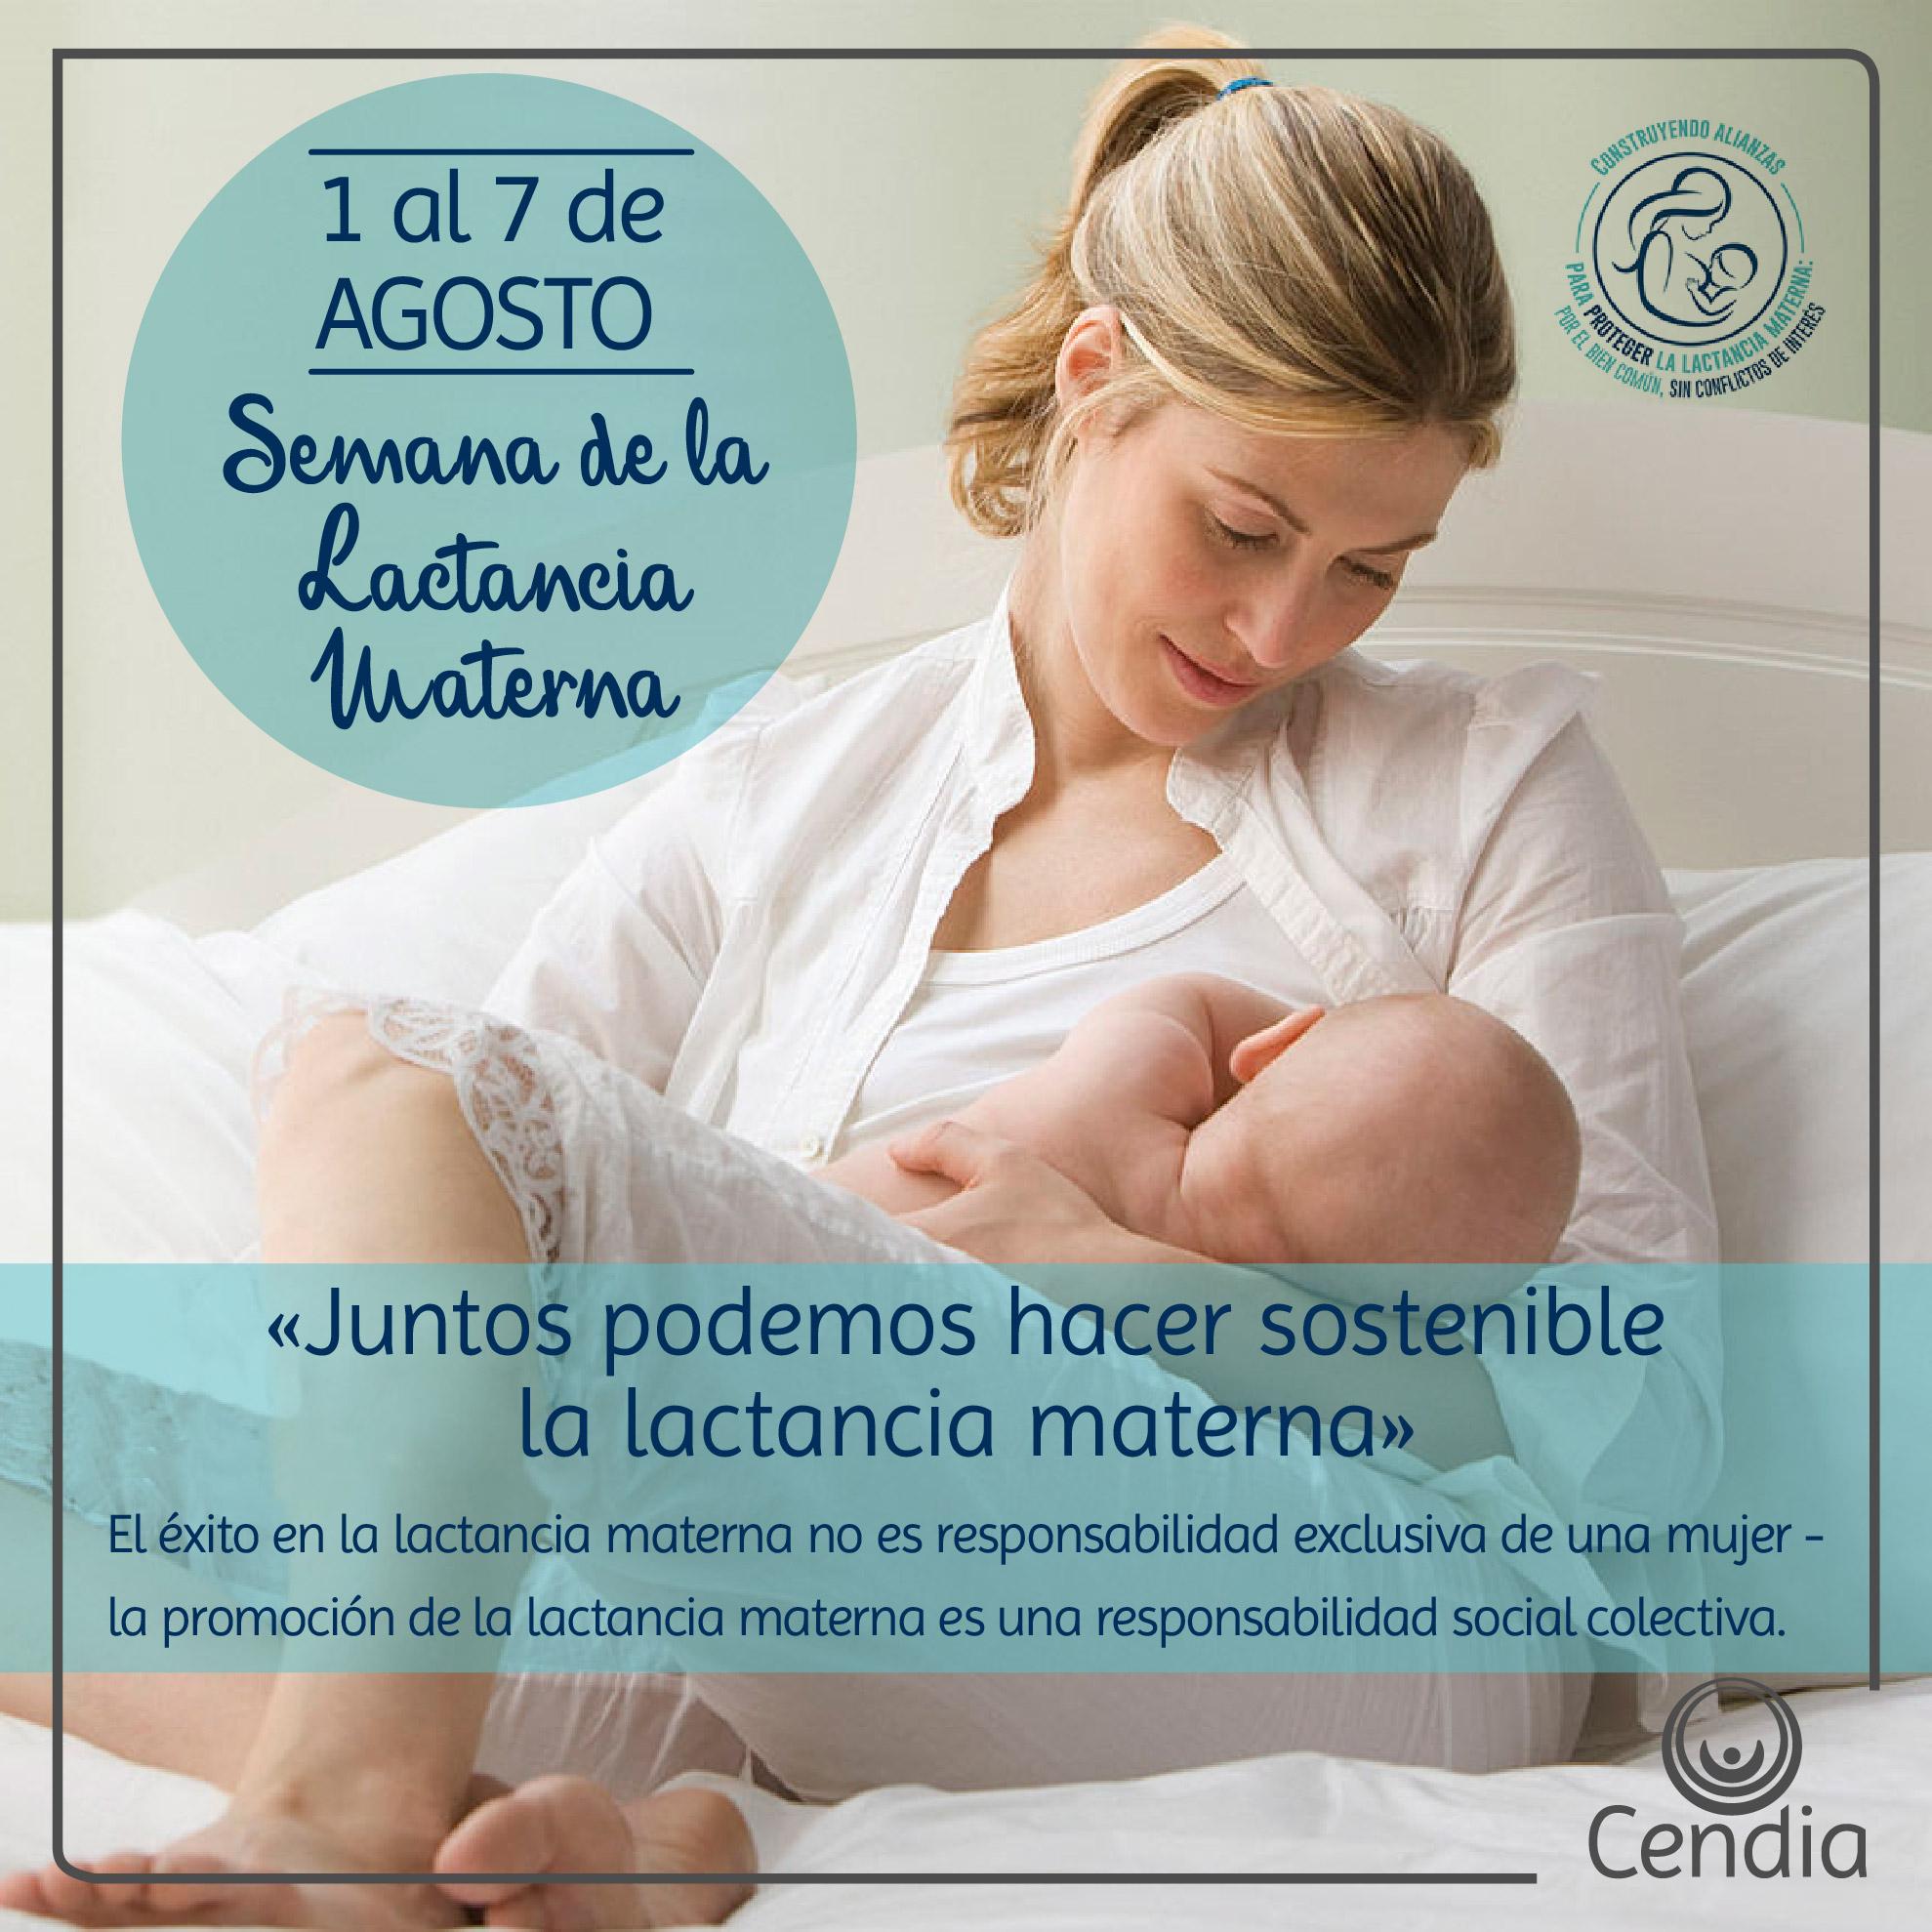 semana de la lactancia-01 (1).jpg